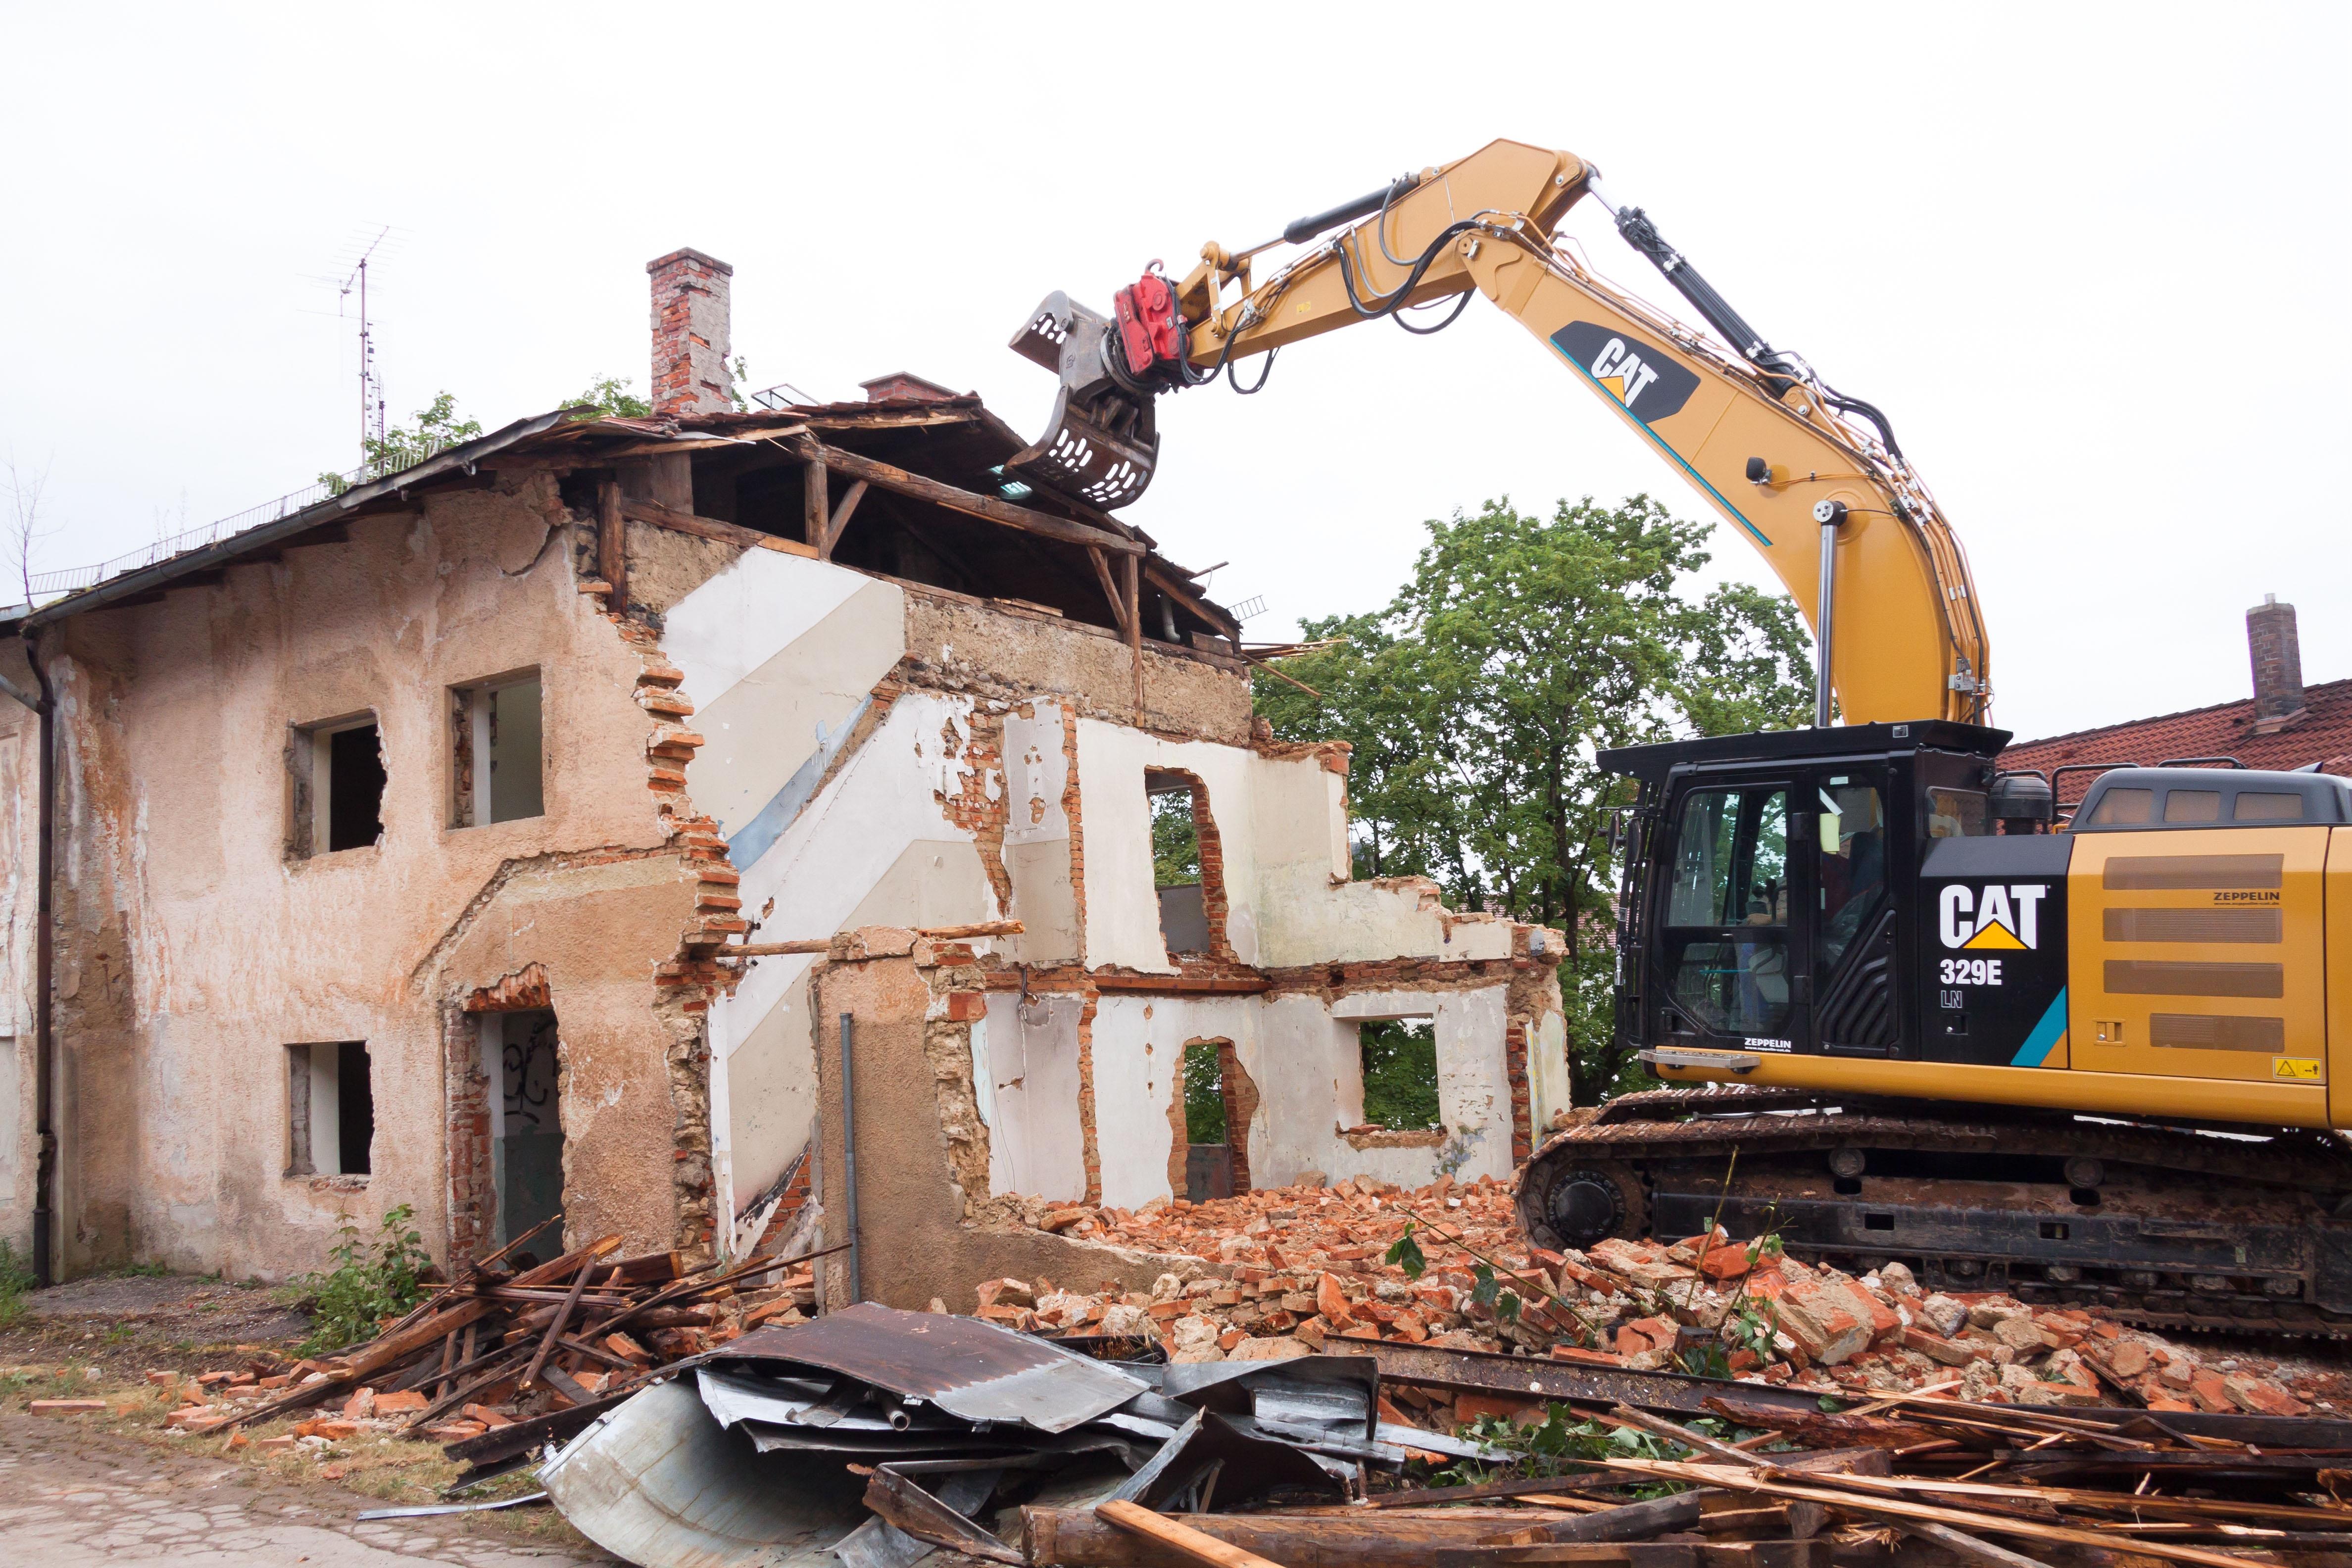 Parete Dacqua In Casa : Immagini belle costruzione città parete pietra rotto